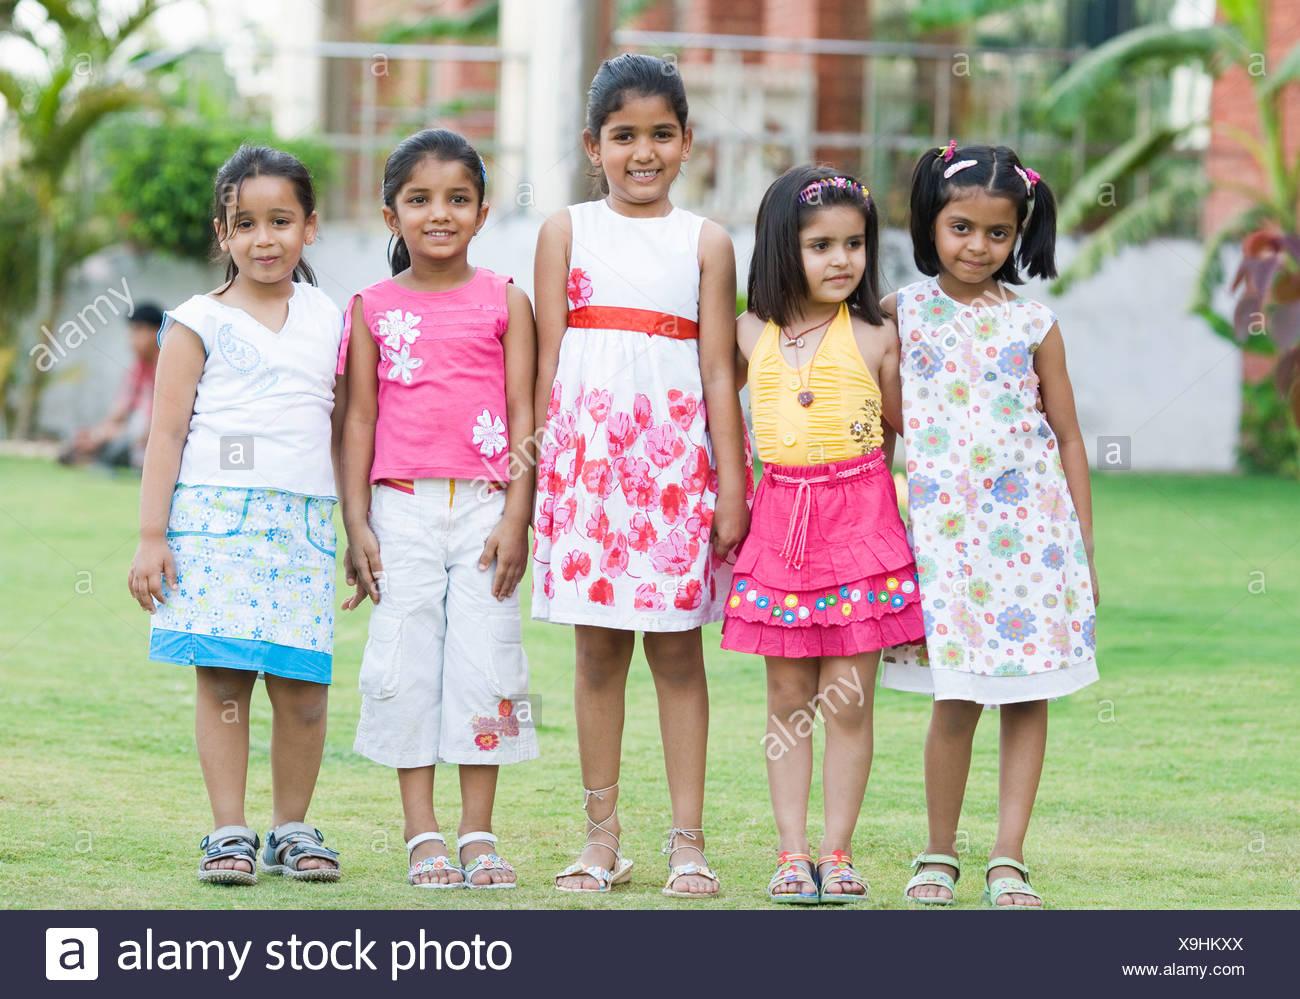 Cinq filles debout dans une pelouse et souriant Photo Stock